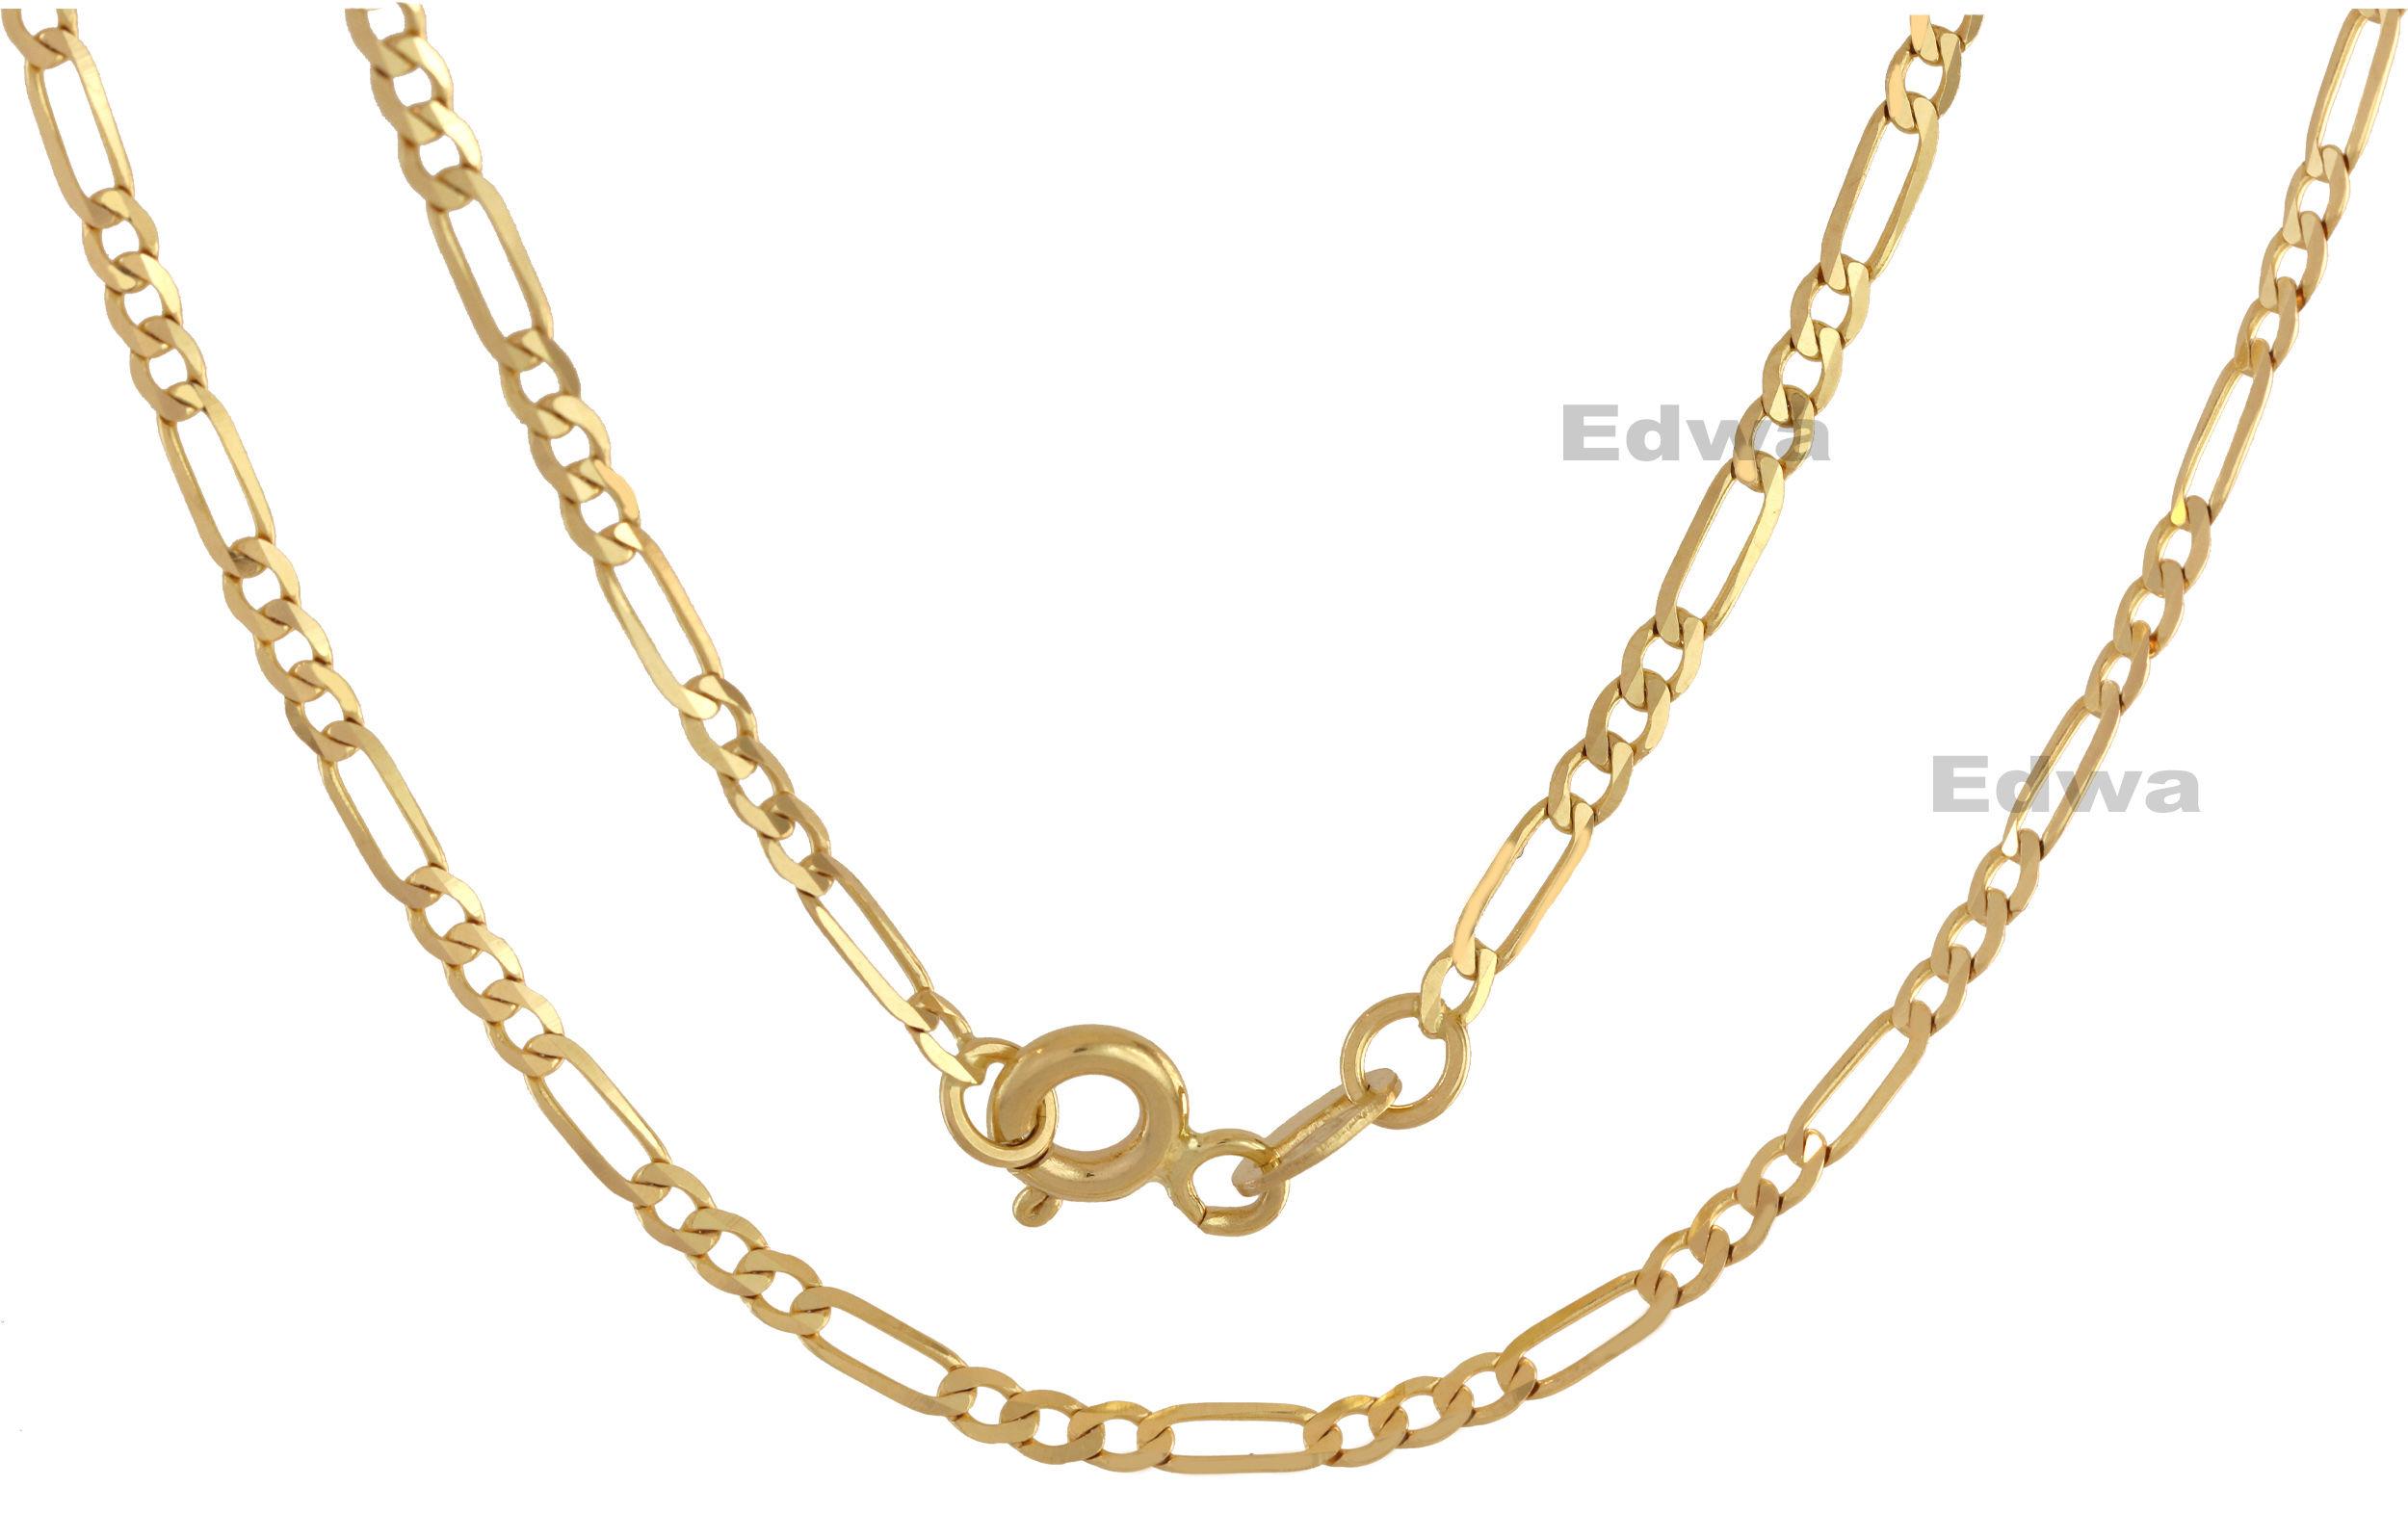 Łańcuszek złoty Figaro pr.585 50 cm